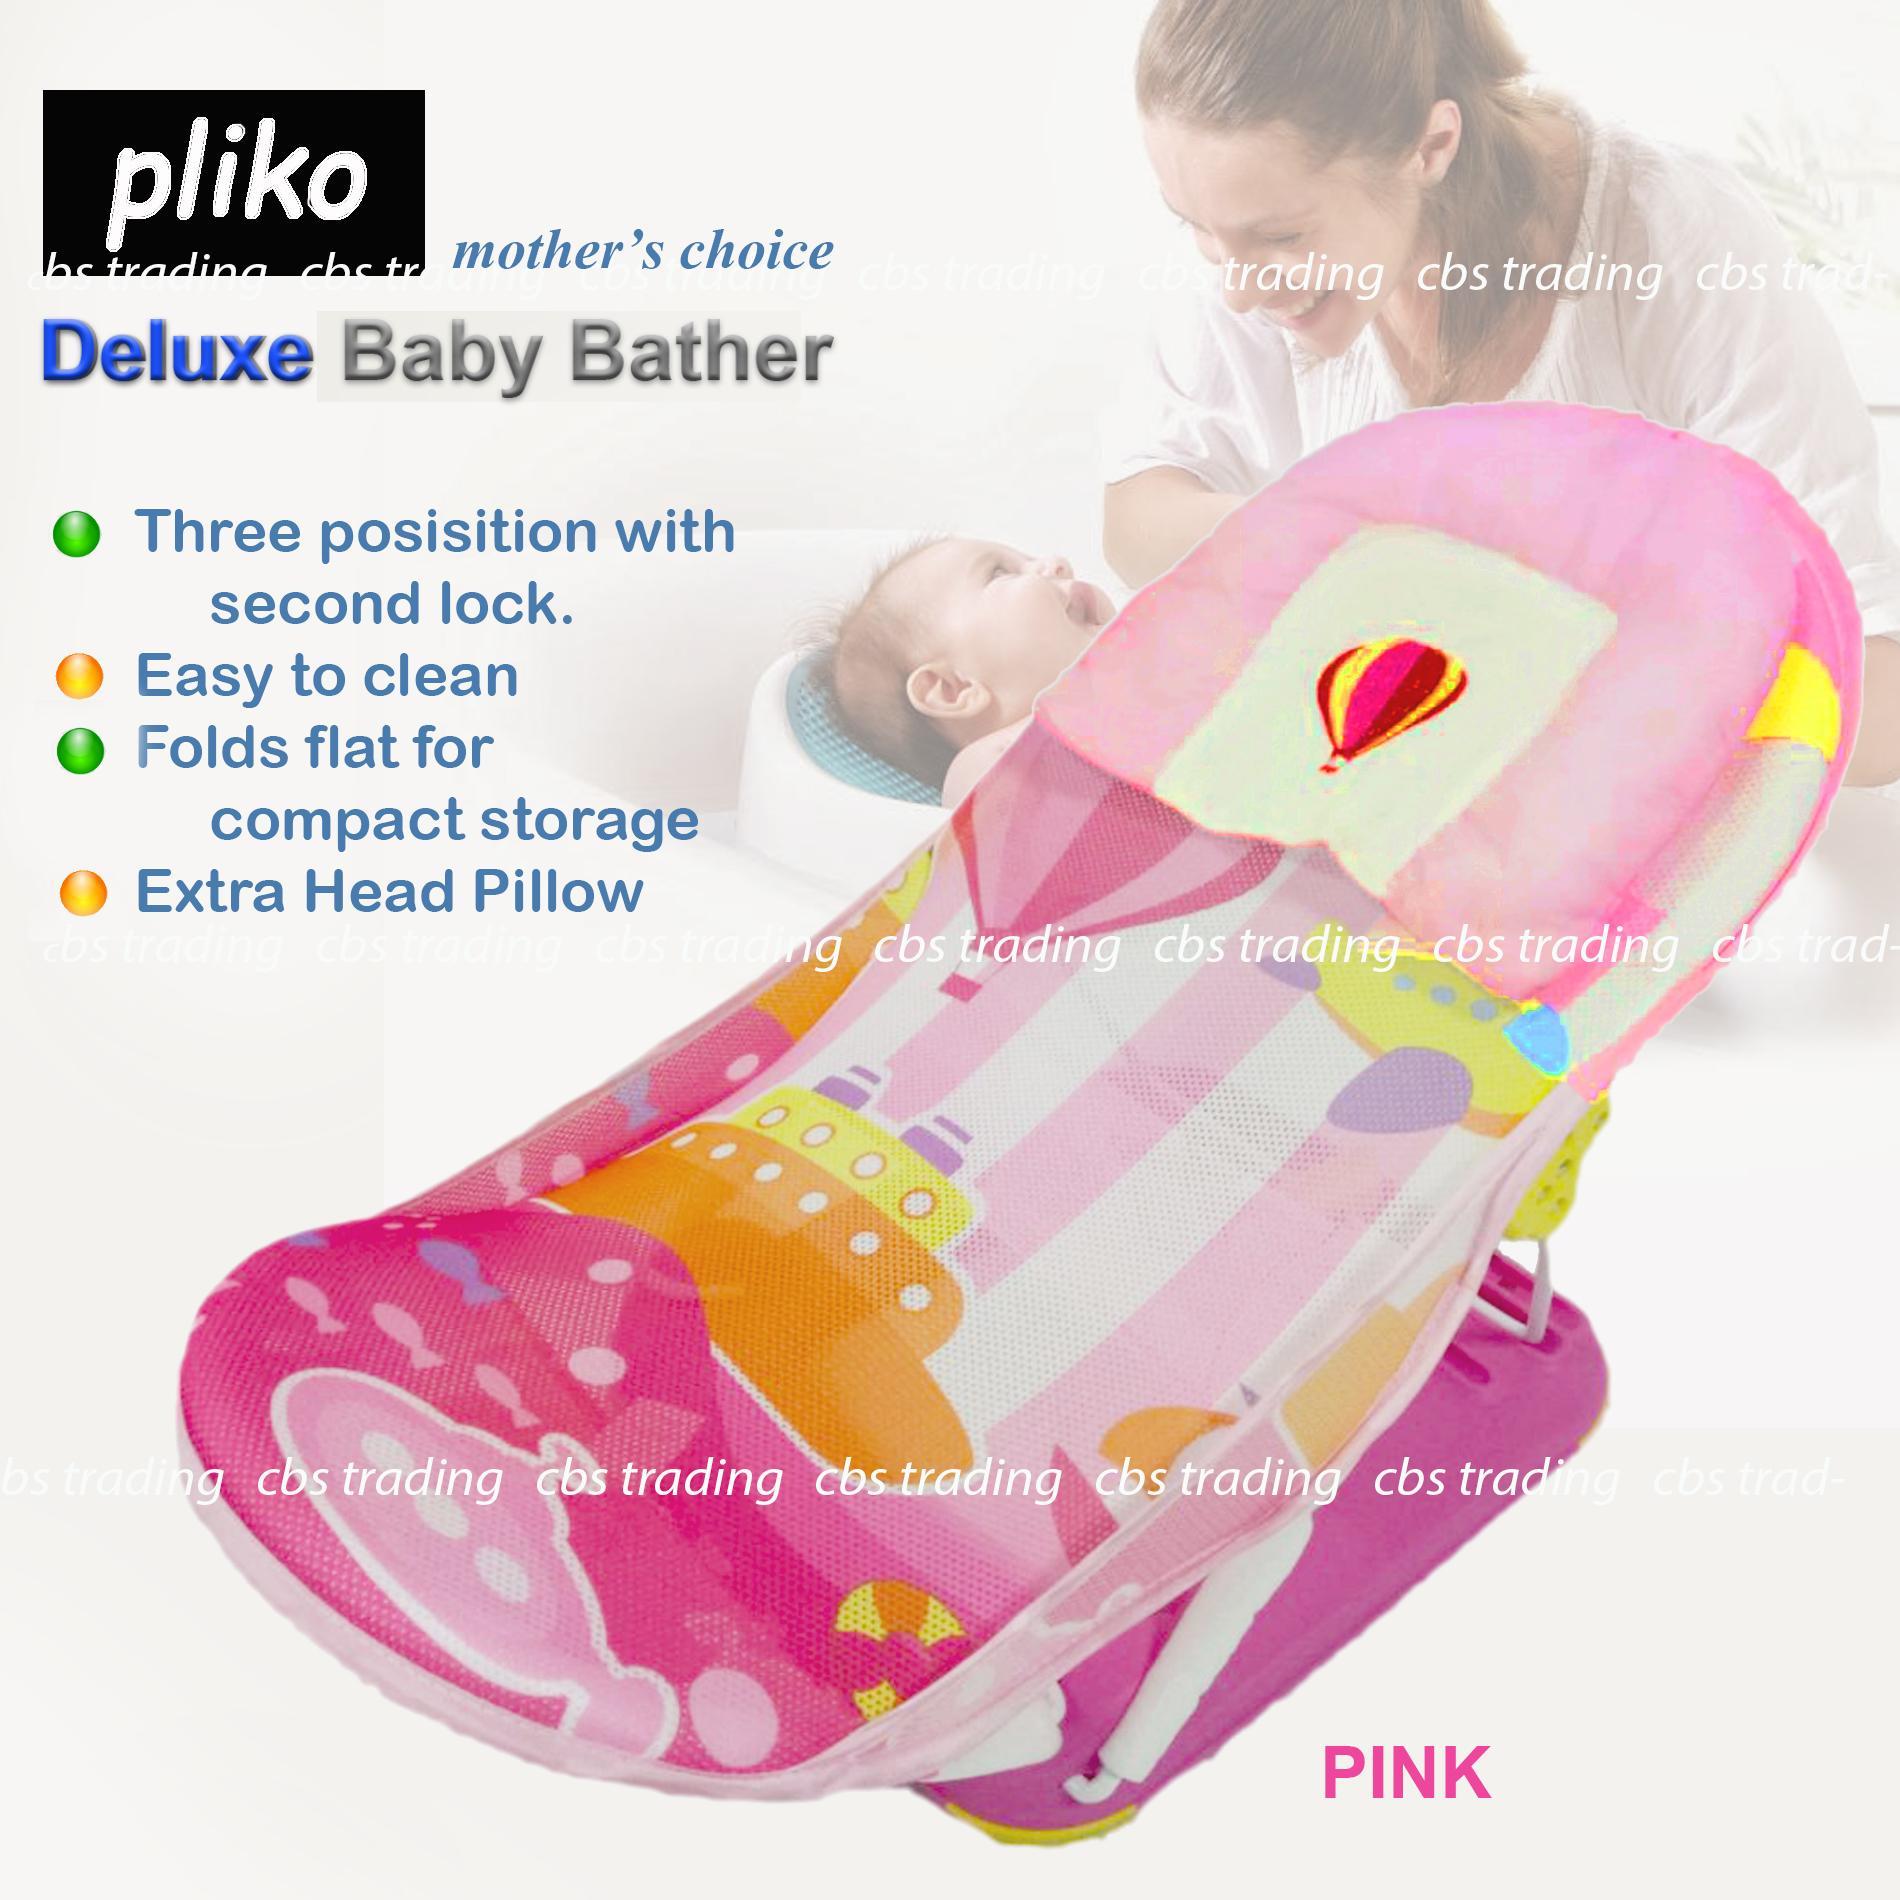 Pliko NEW Deluxe Baby Bather - Kursi Mandi Lipat bayi - Pink